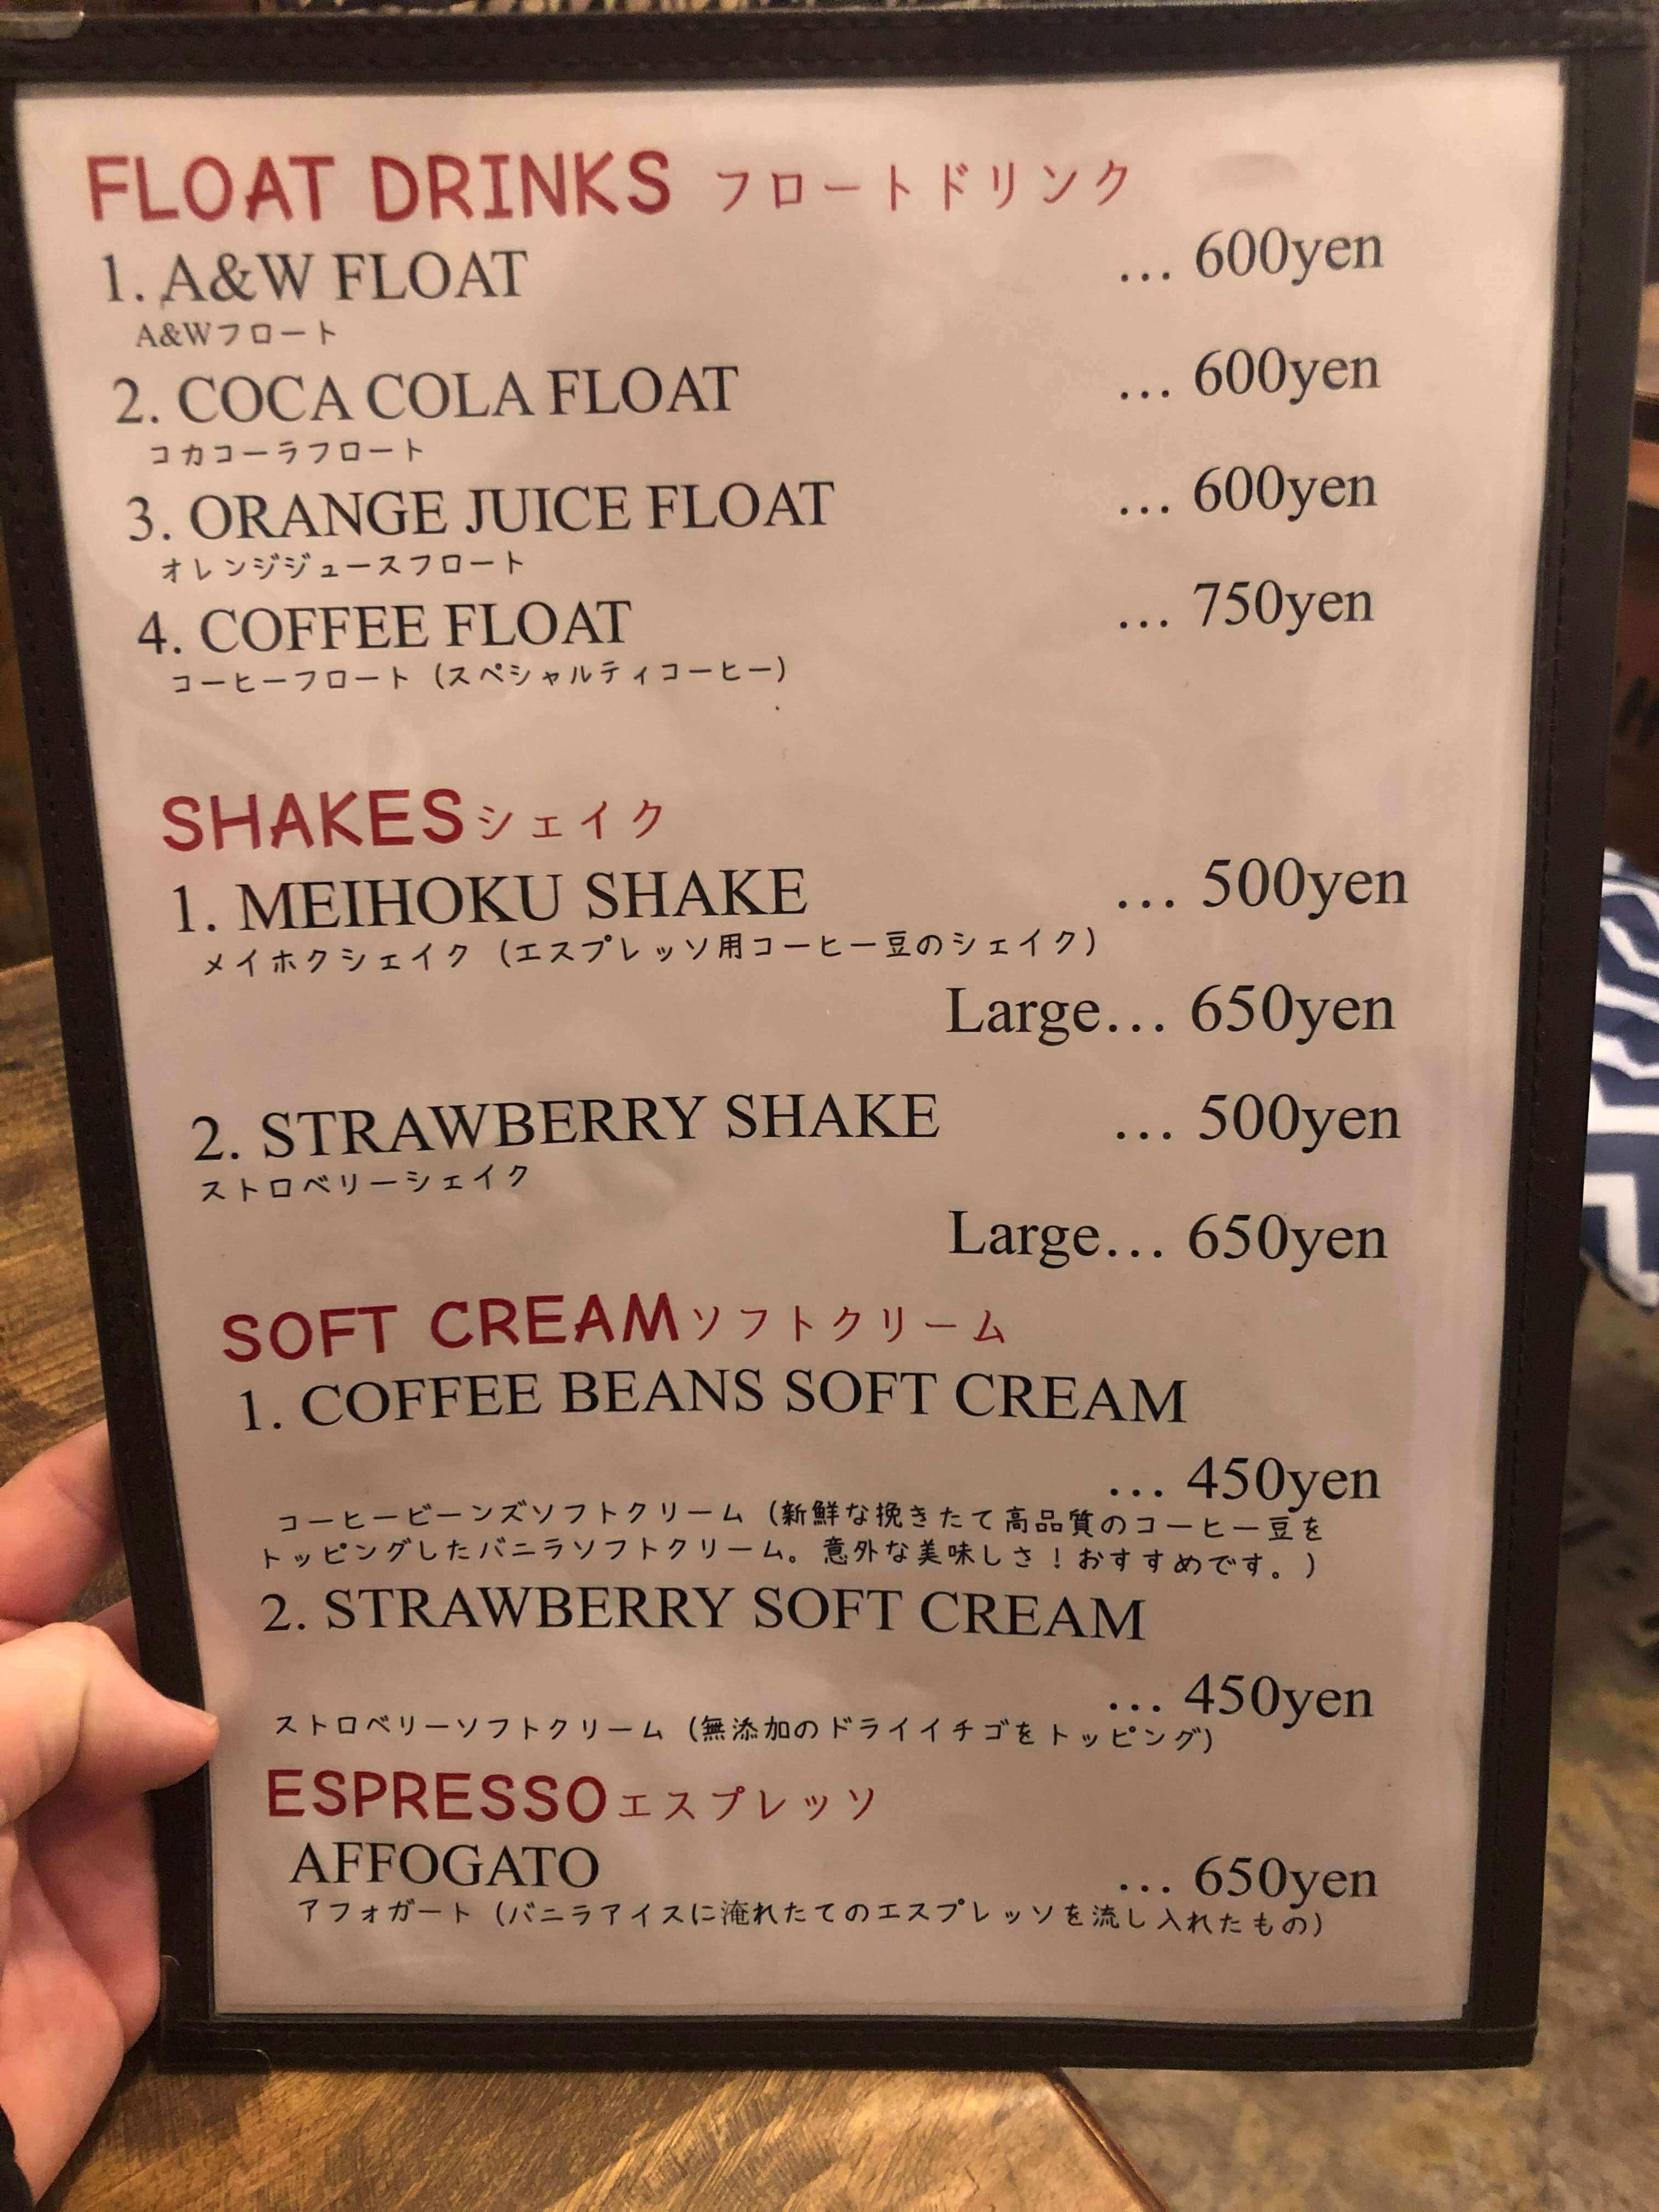 meihoku-coffee ドリンク